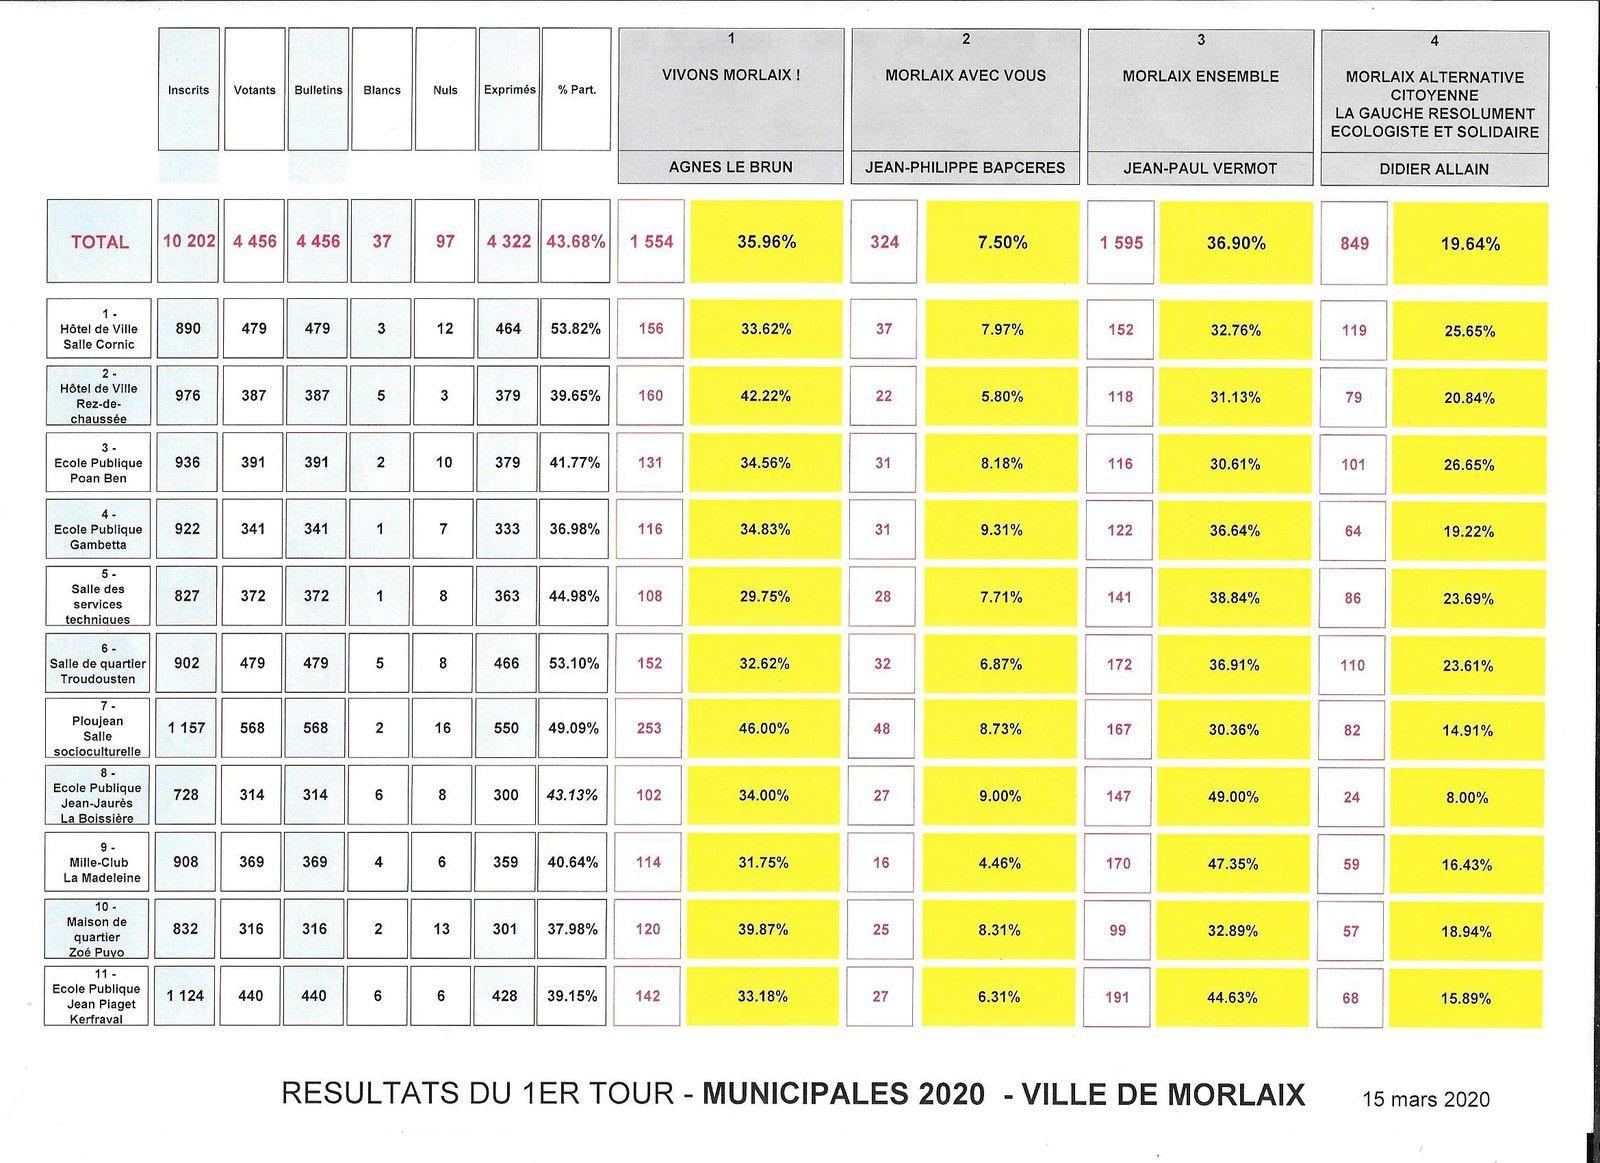 Morlaix - Résultats du 1er tour des Municipales bureau par bureau